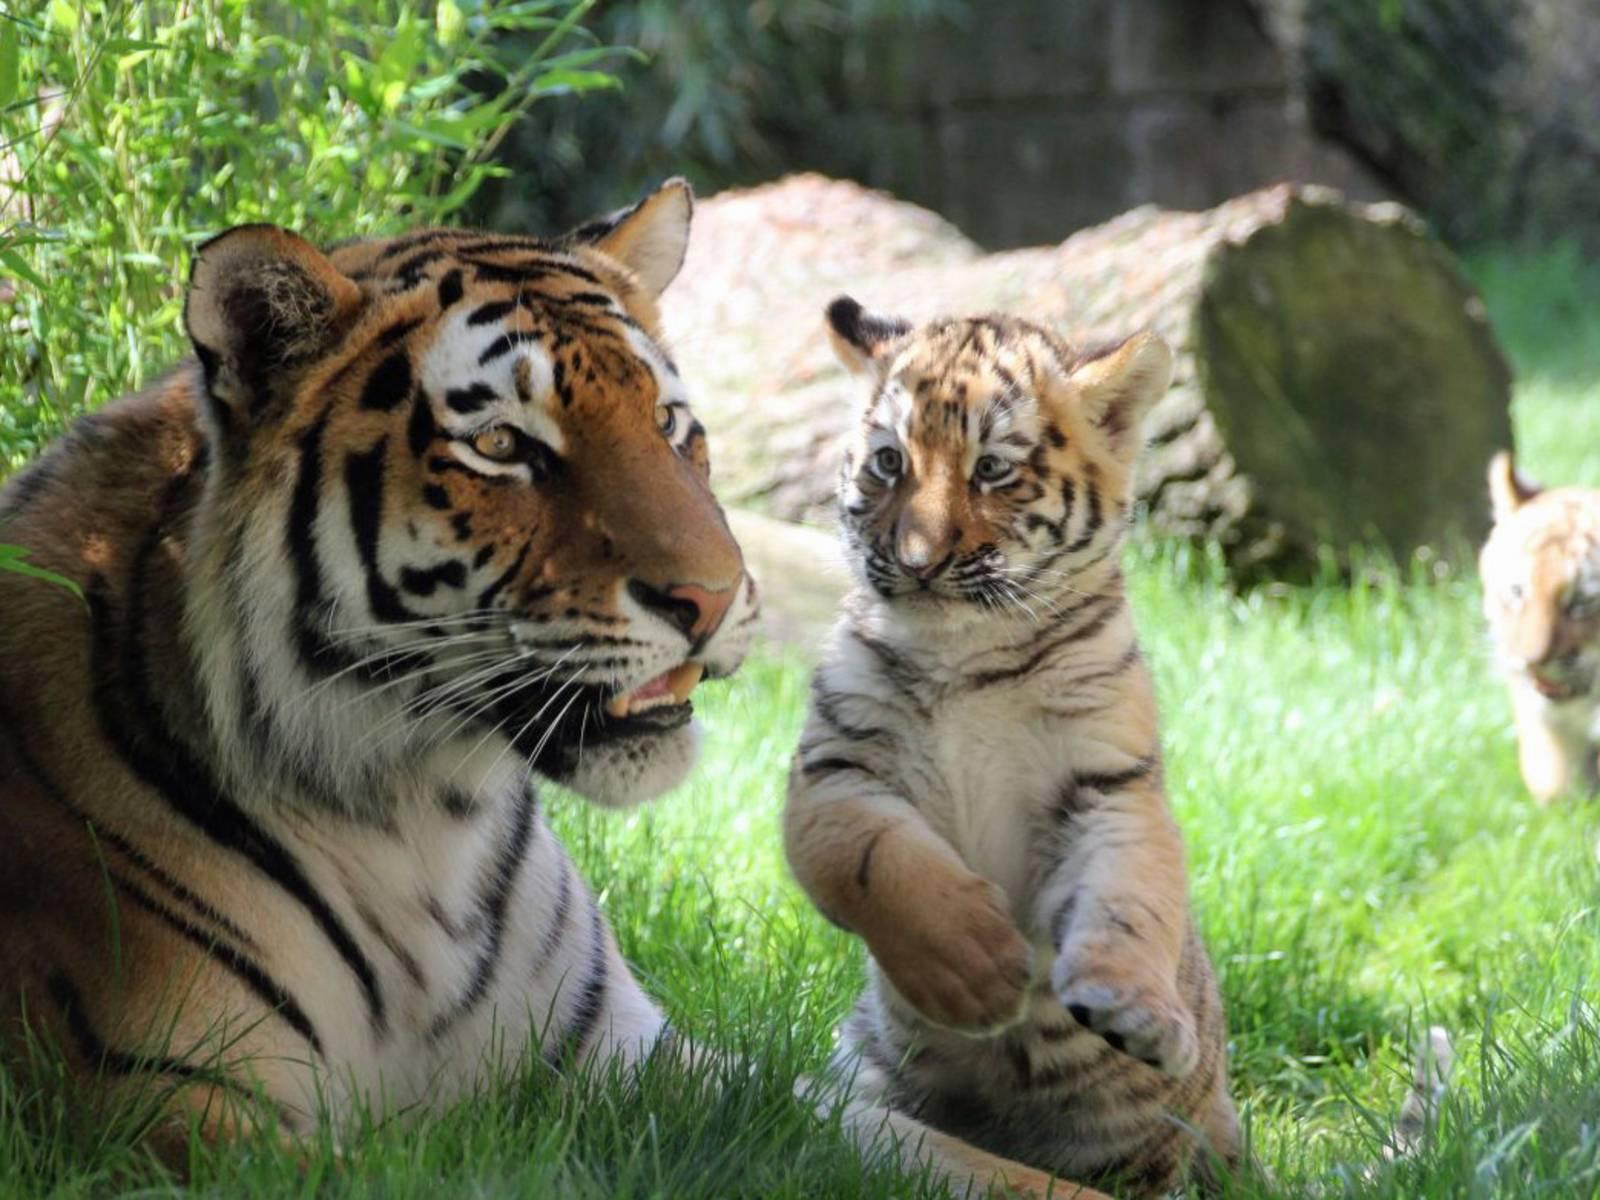 Großer Tiger mit einem kleinen Tiger